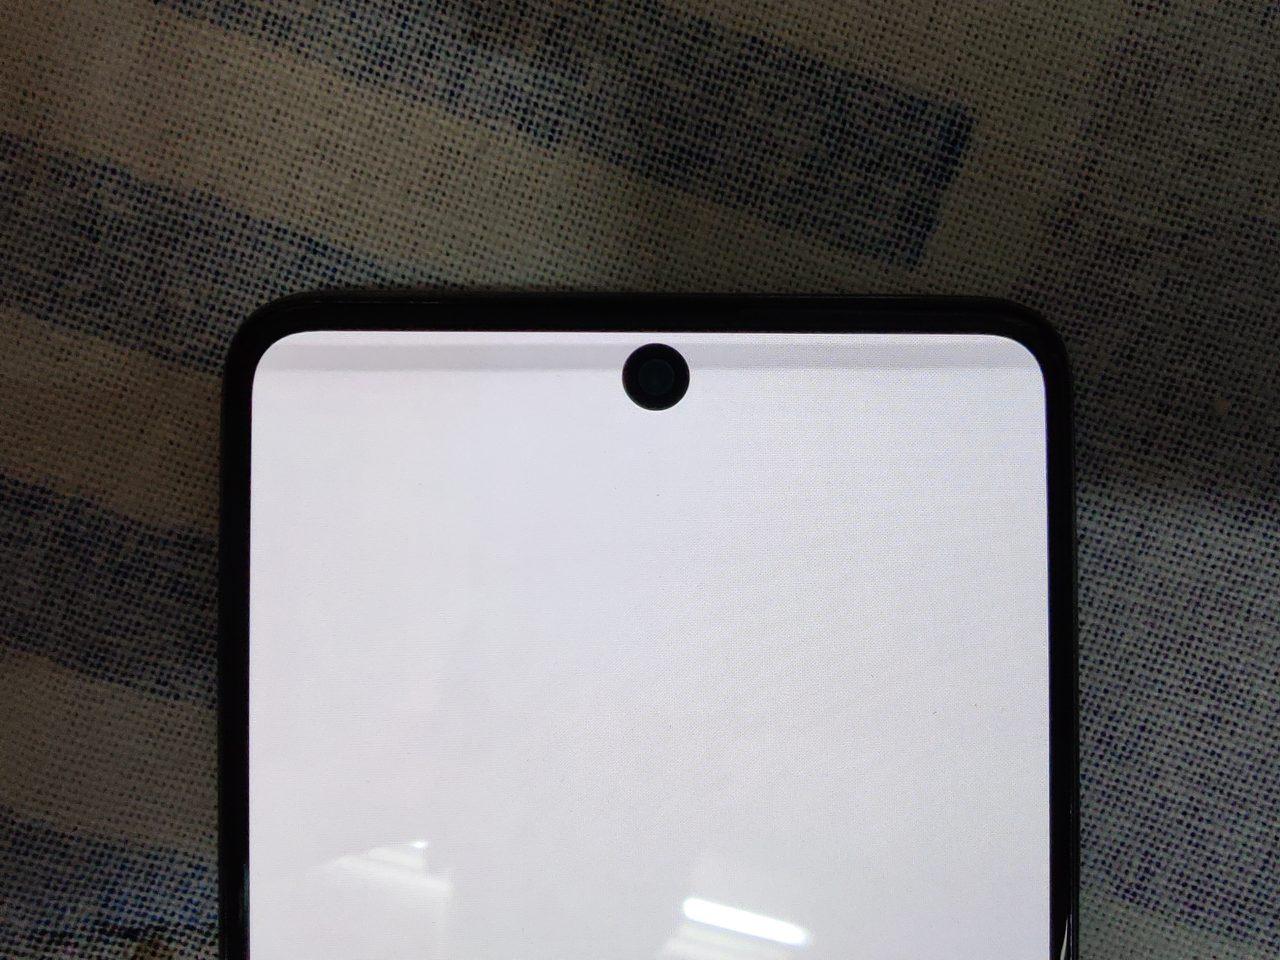 Samsung-Galaxy-M31s-47-1280x960-1.jpg